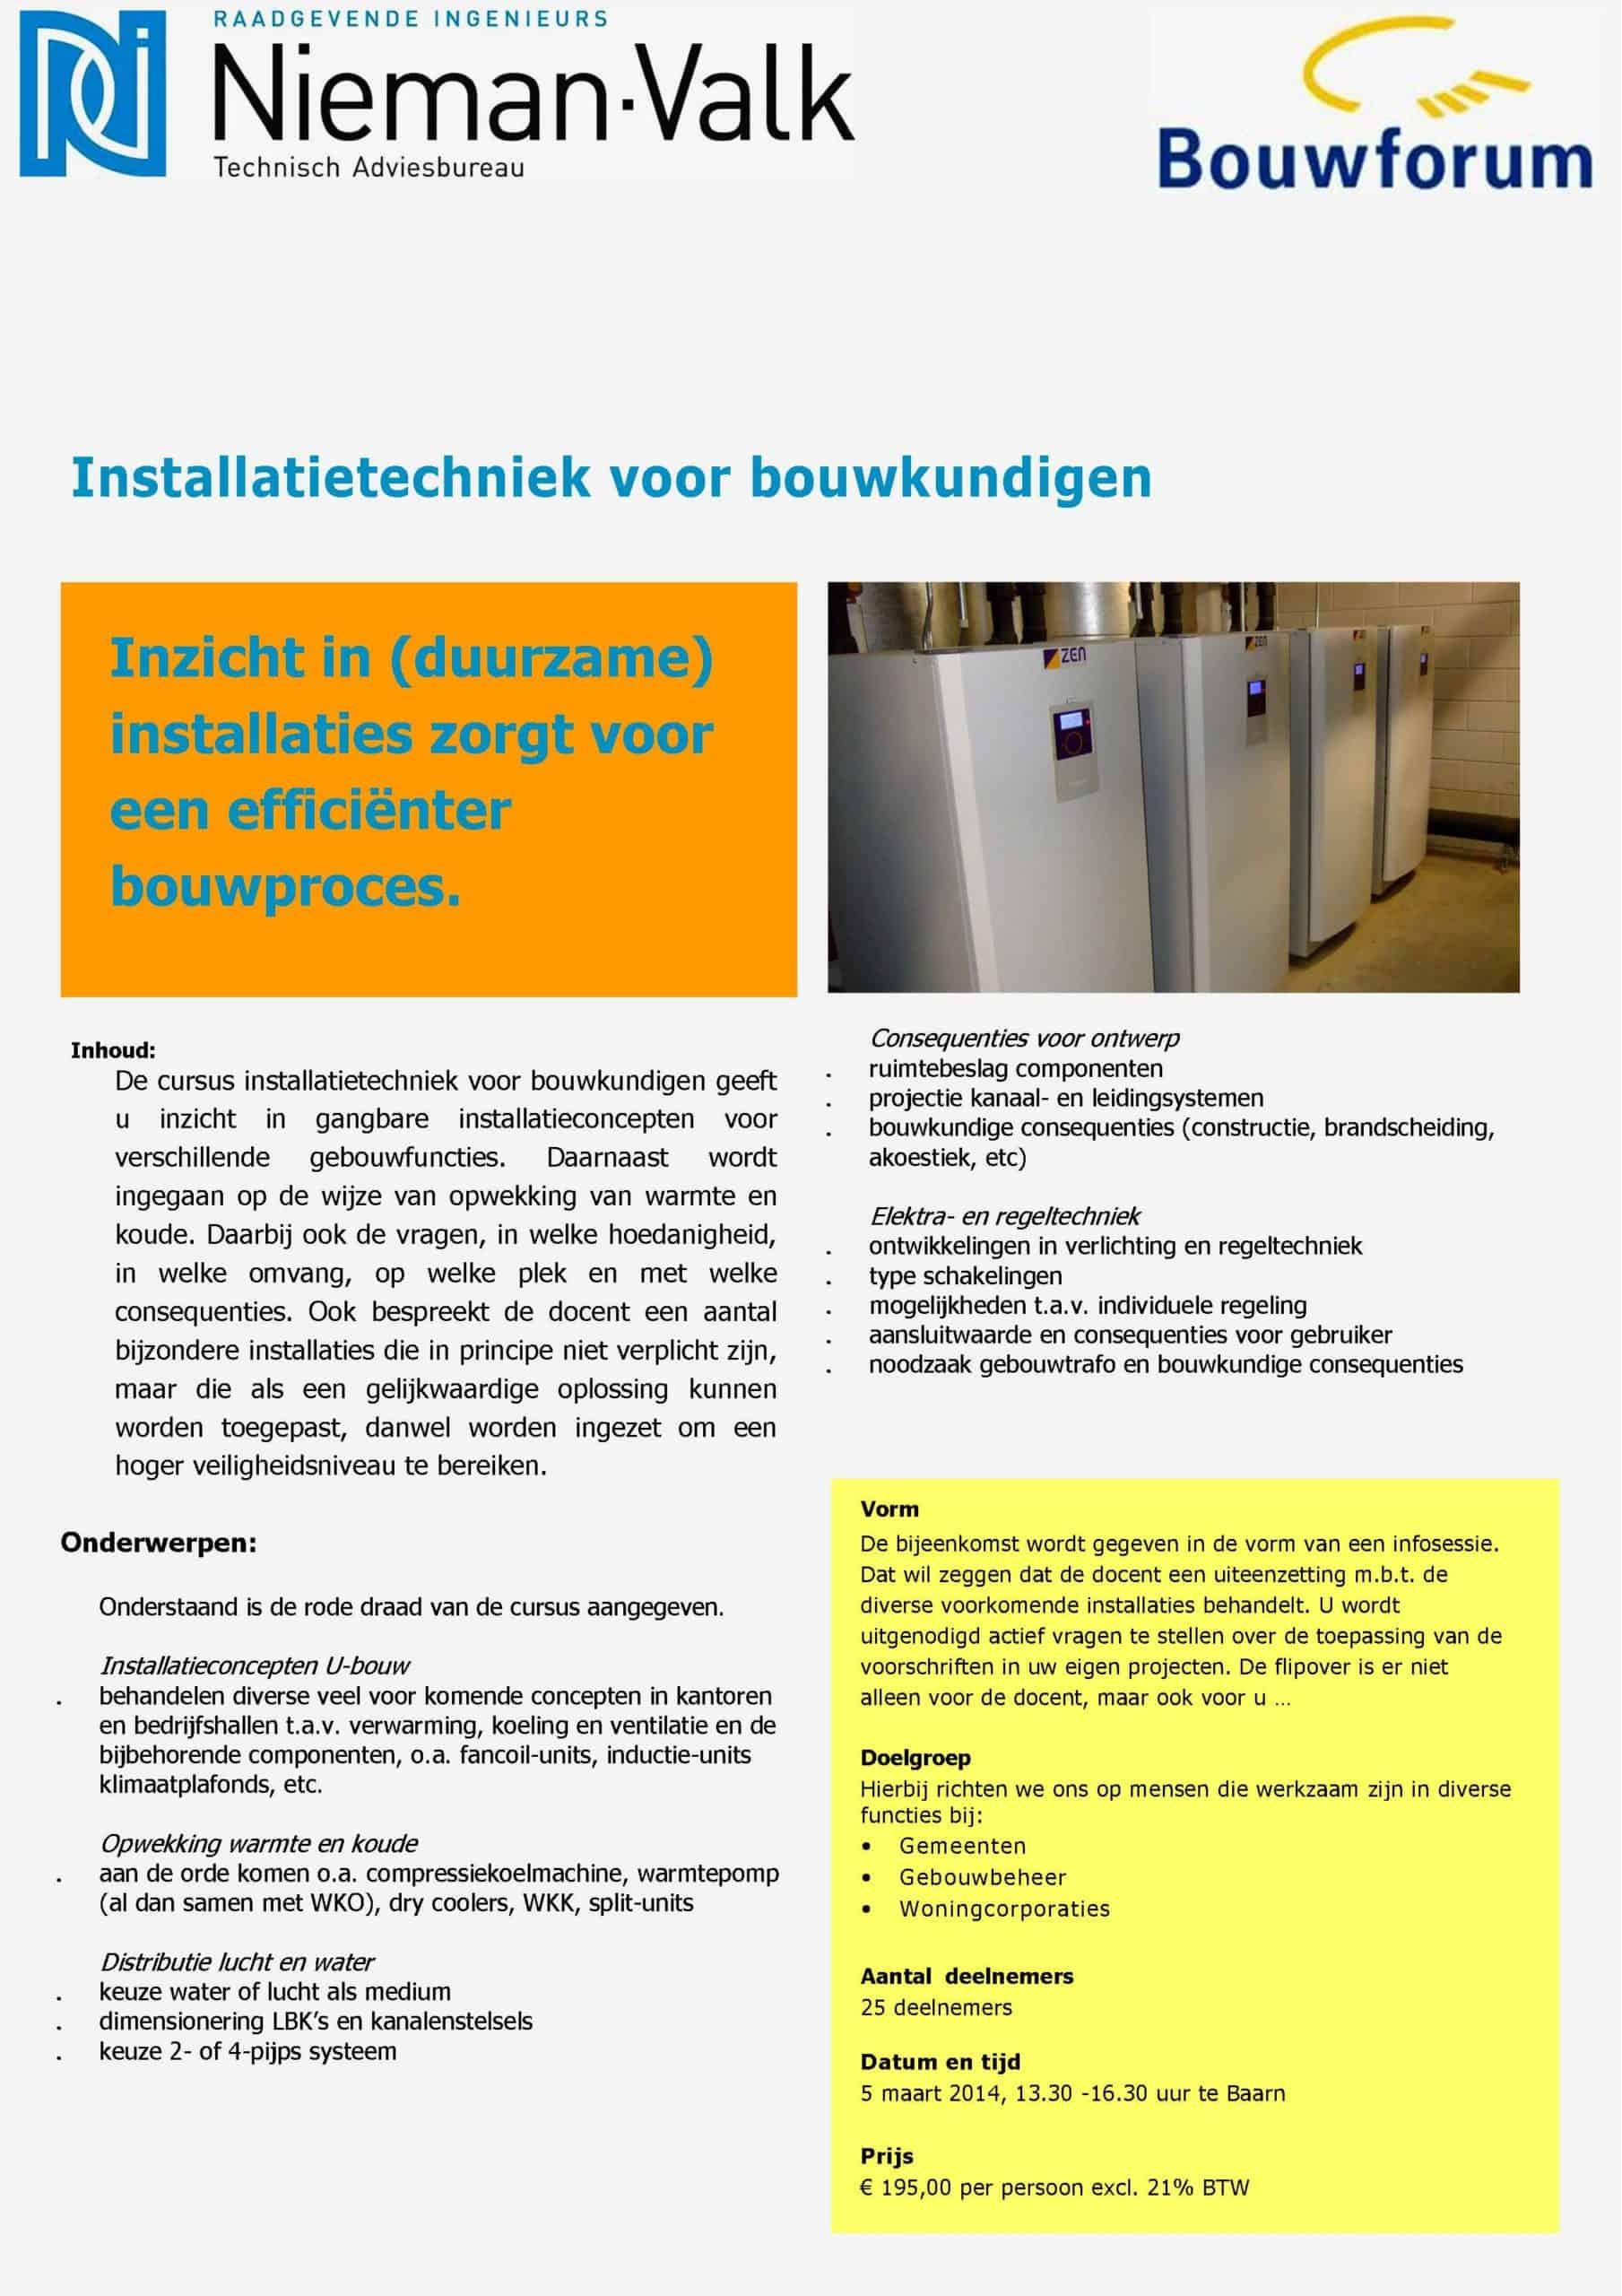 01-Info-Installatietechniek-voor-bouwkundigen-1-scaled